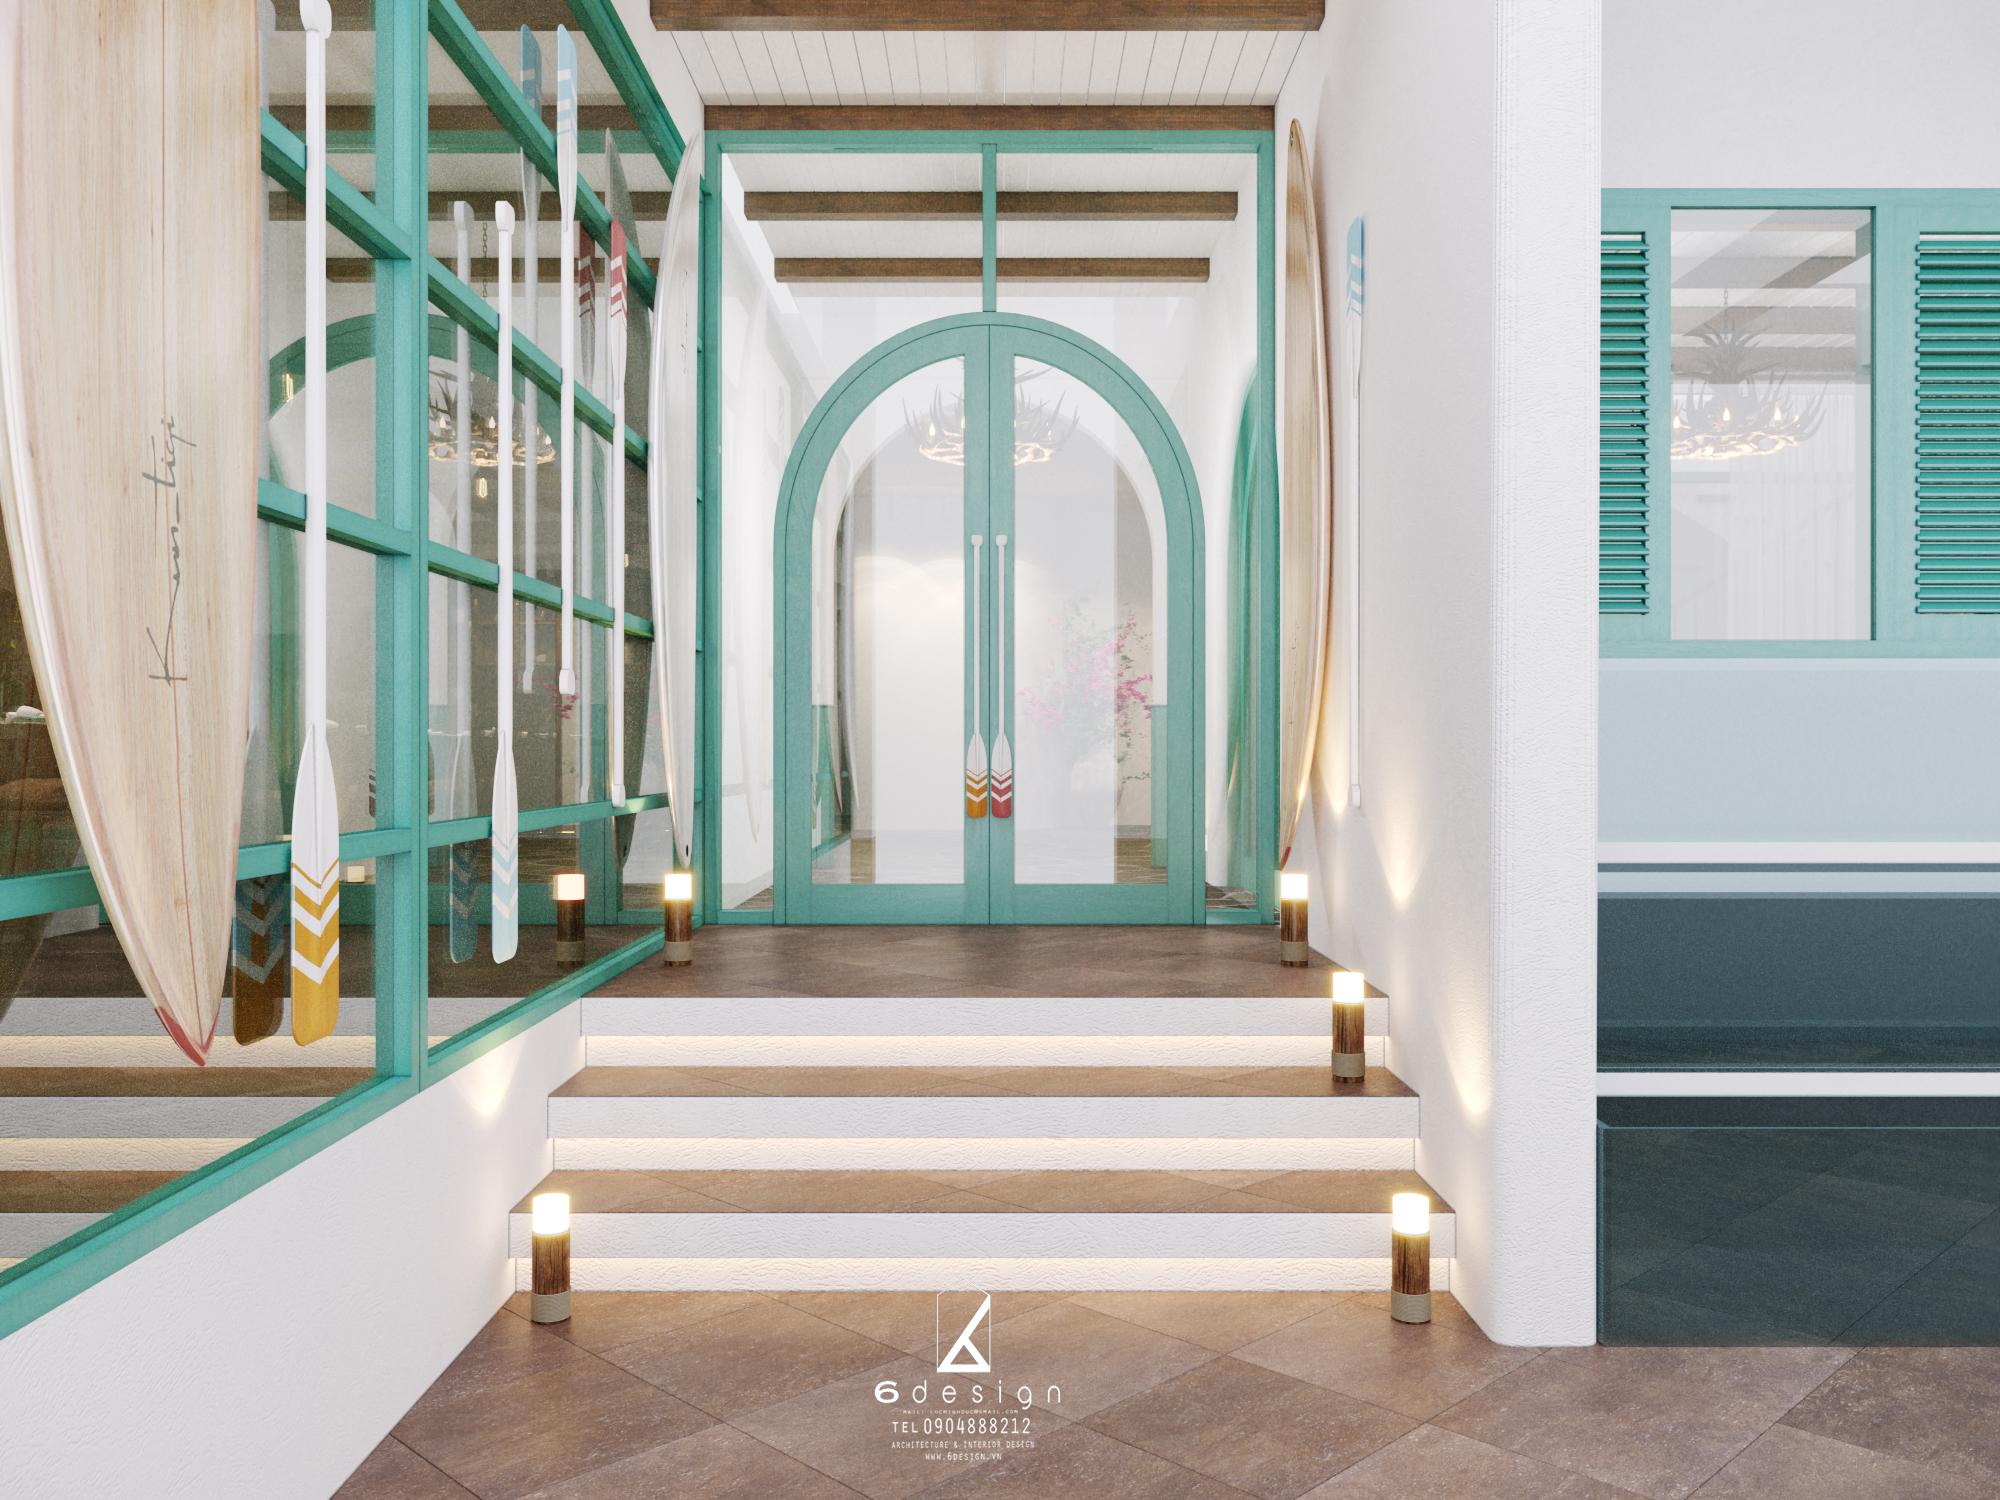 Thiết kế nội thất Nhà Hàng tại Hà Nội NHÀ HÀNG THẾ GIỚI HẢI SẢN 1590724251 6